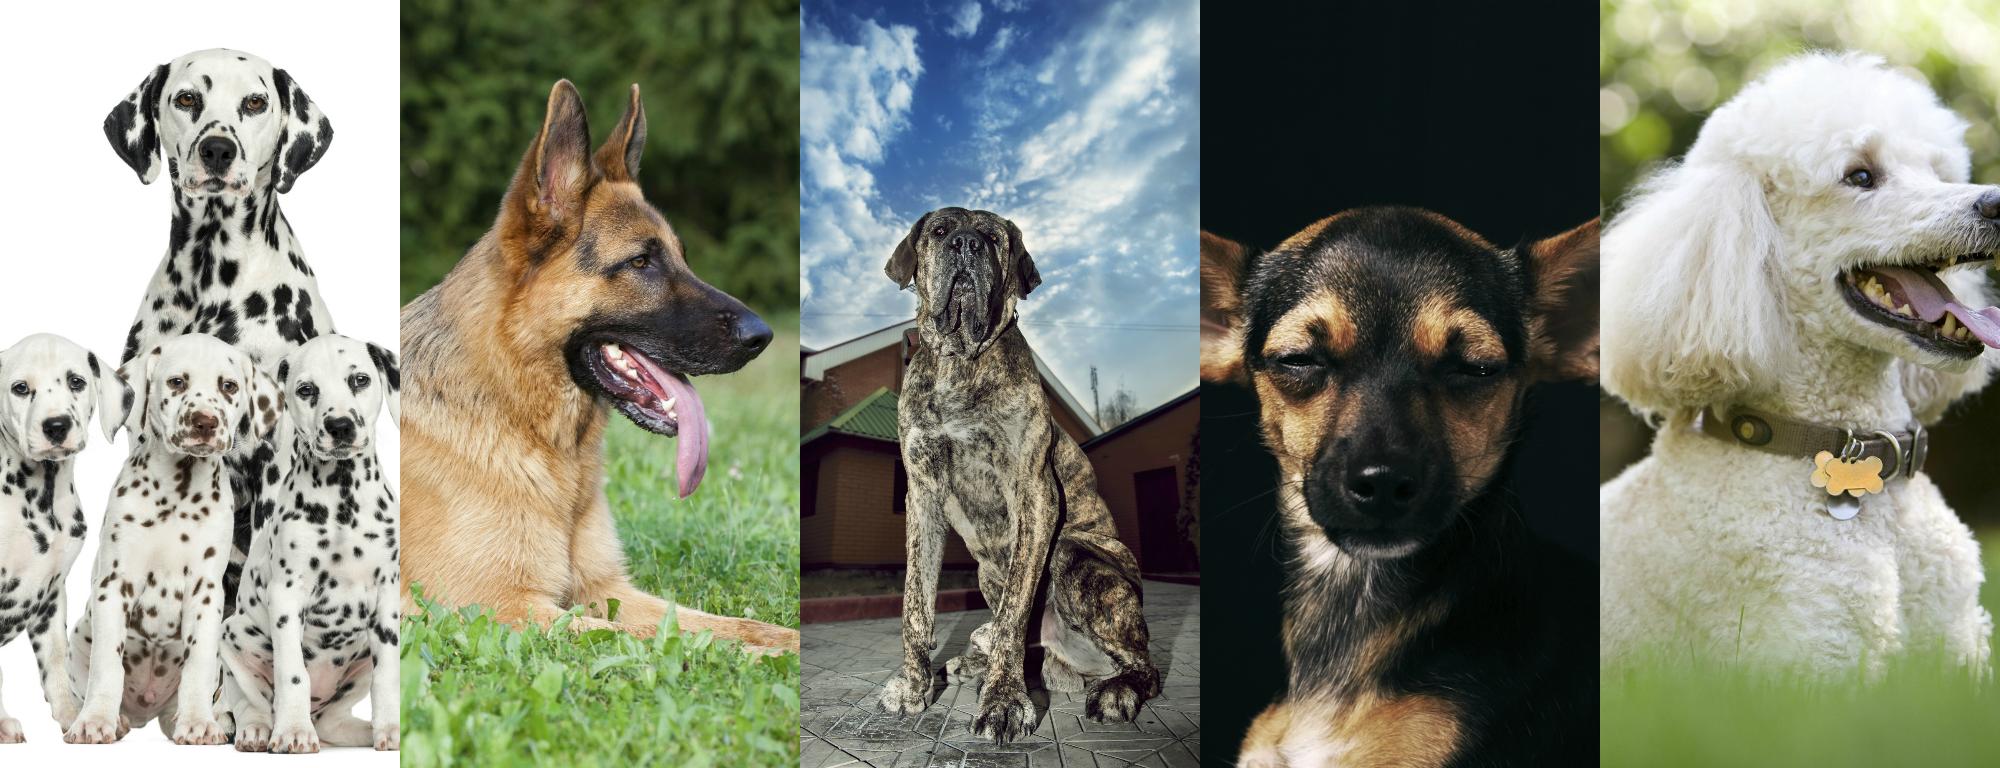 Cachorros que fizeram sucesso no passado e hoje estão esquecidos Foto: iStock/Divulgação